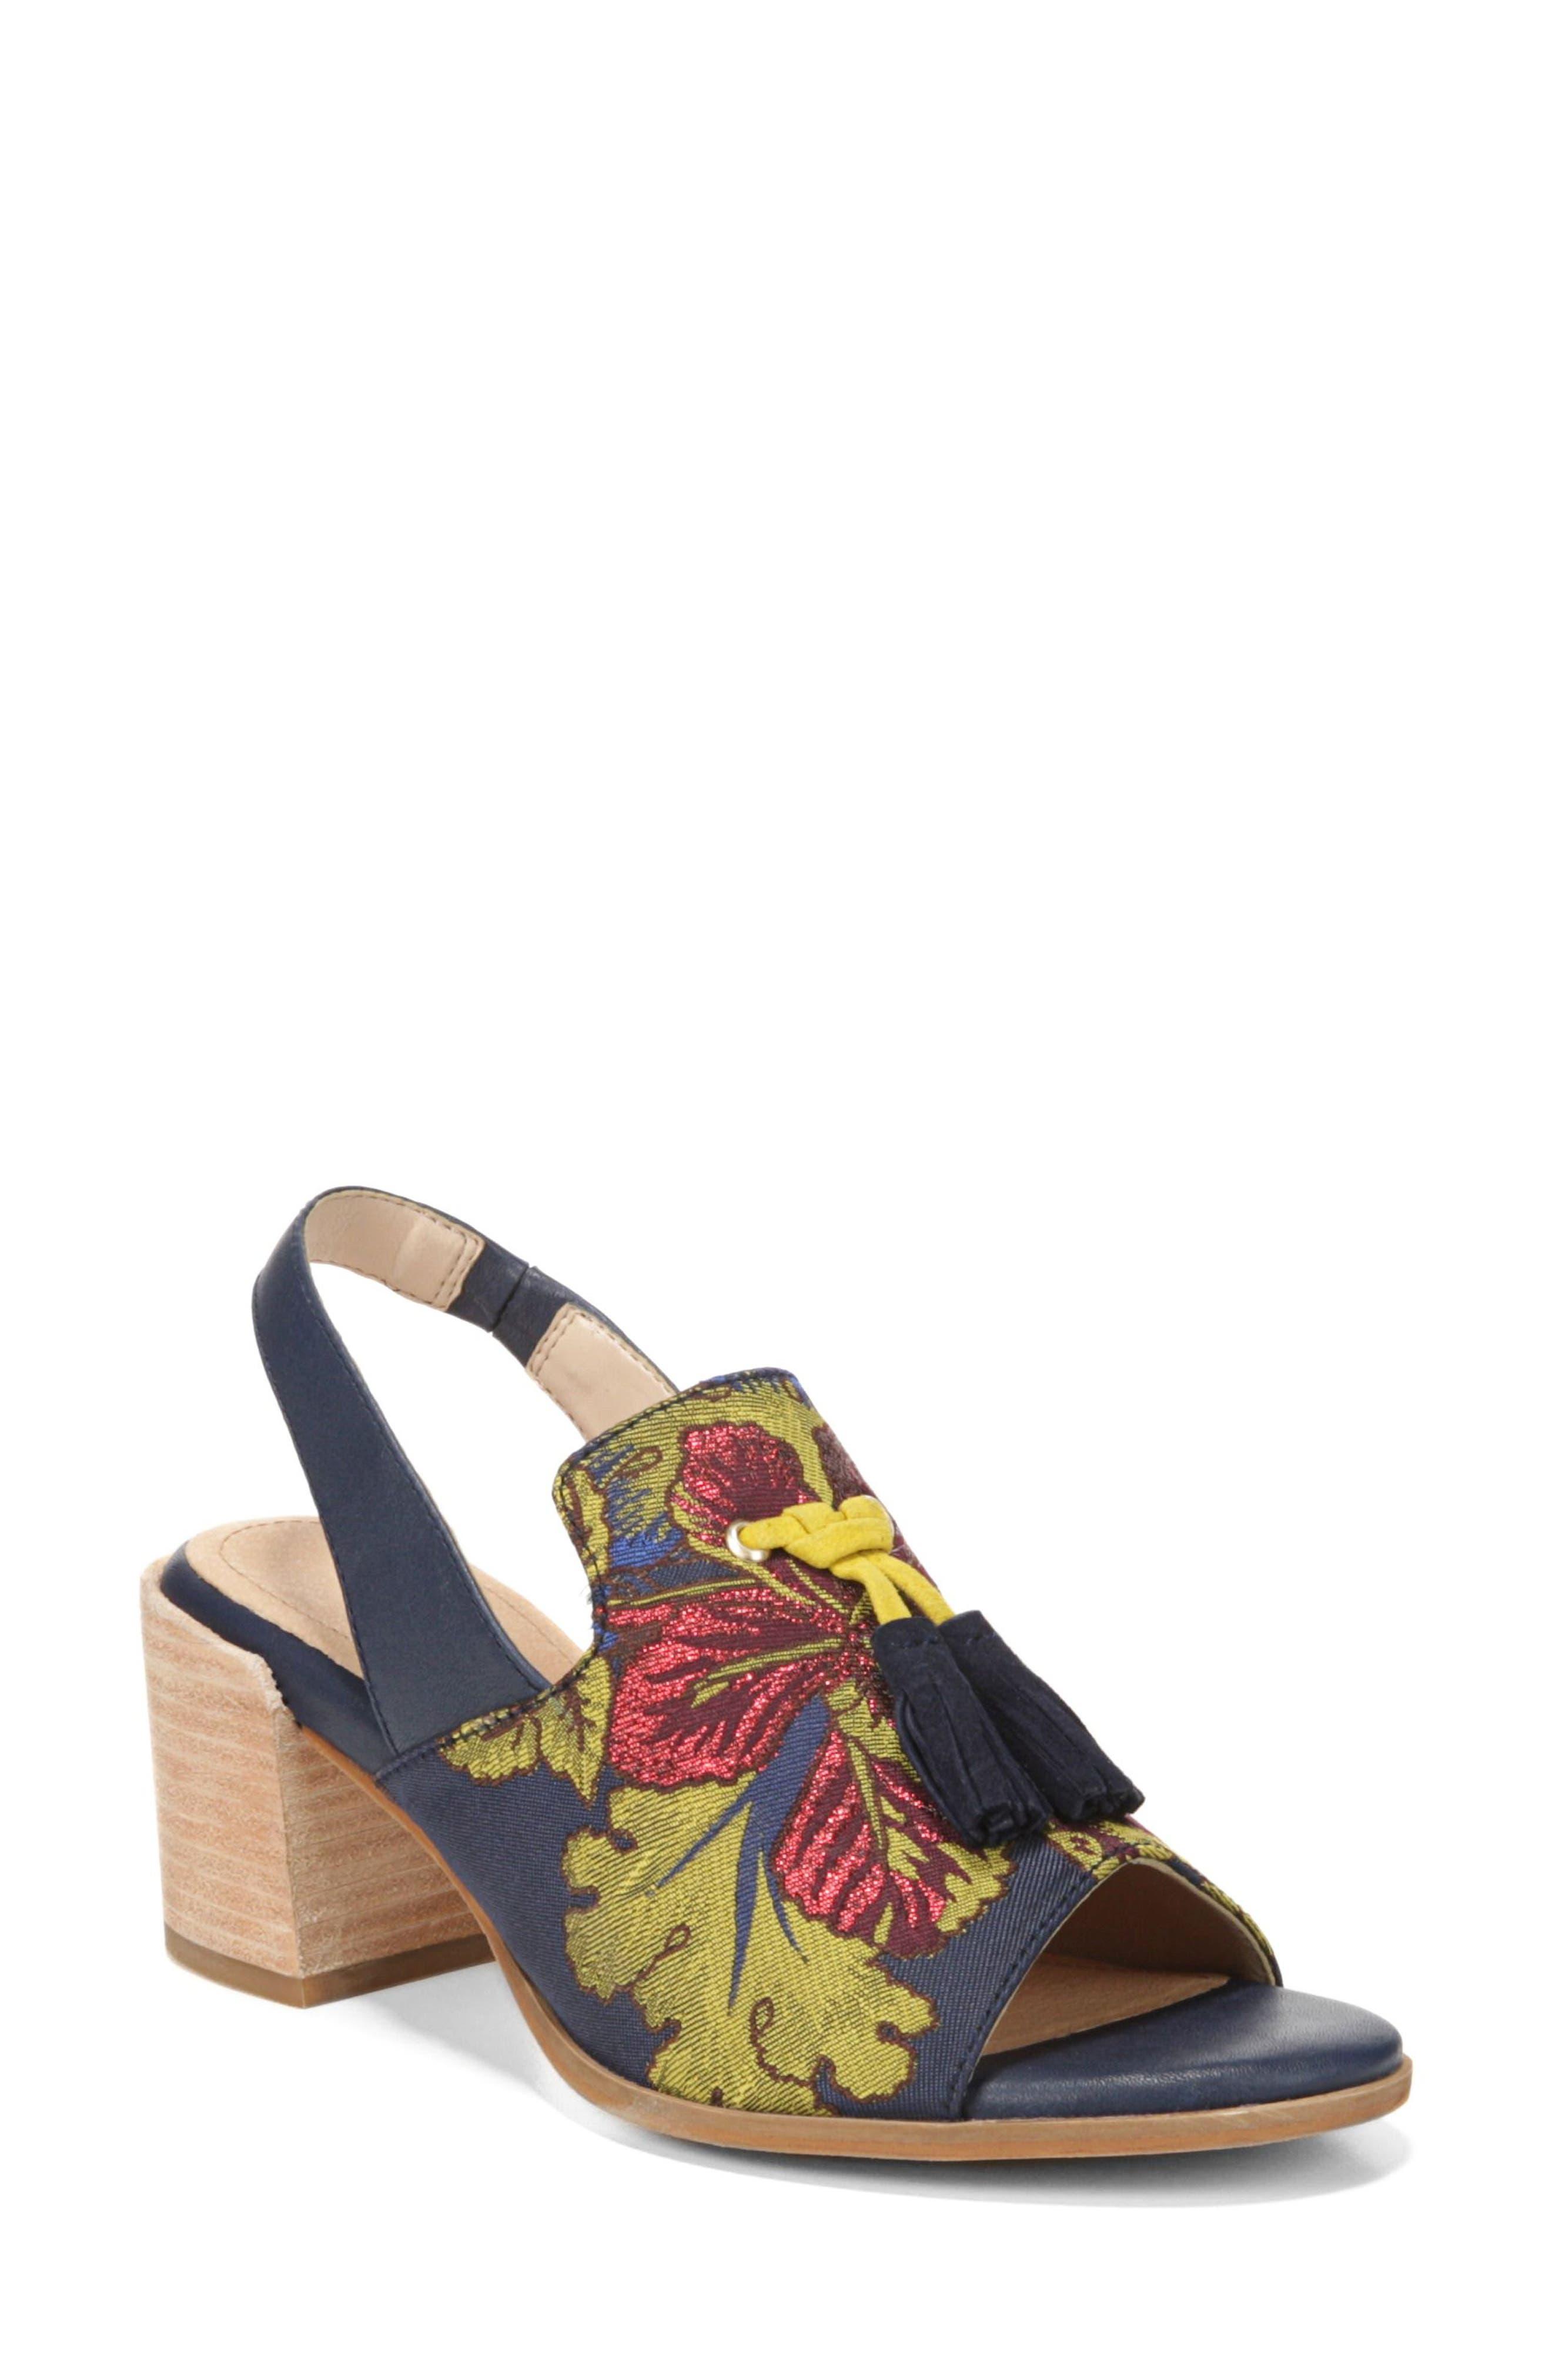 Alternate Image 1 Selected - Dr. Scholl's Meko Slingback Sandal (Women)